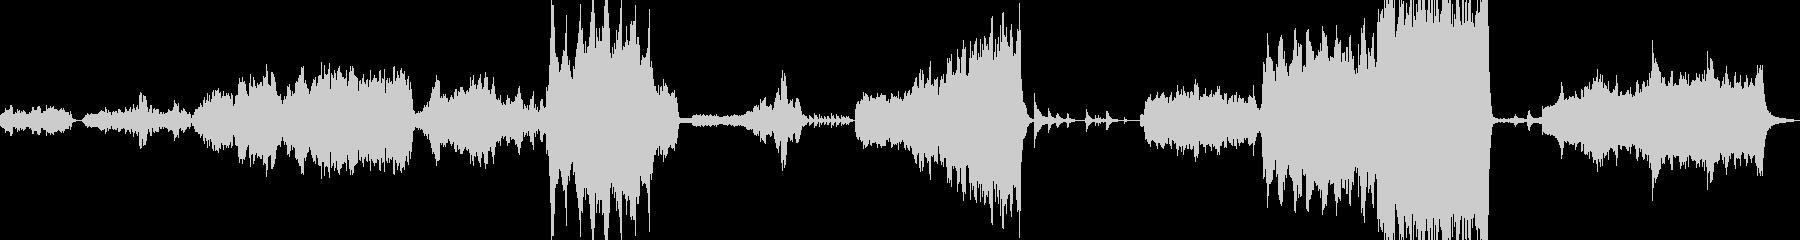 感動シーンに使われる壮大なオーケストラの未再生の波形